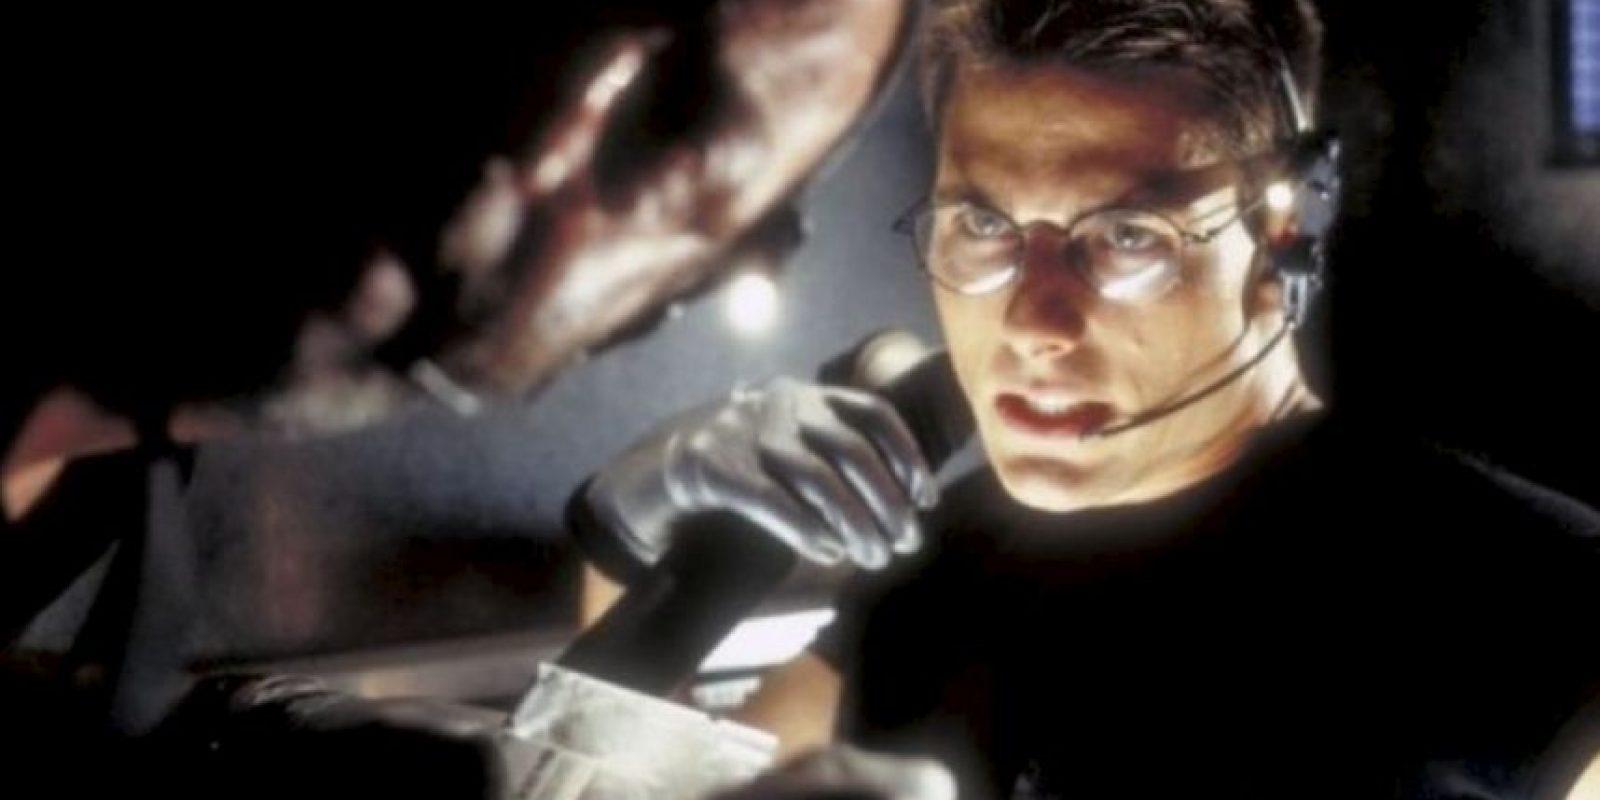 El vestuario que utilizó el actor estadounidense durante la escena incluye: auriculares de goma, lentes oscuros, guantes, pantalones, botas y chaqueta de cuero. Foto:IMDB